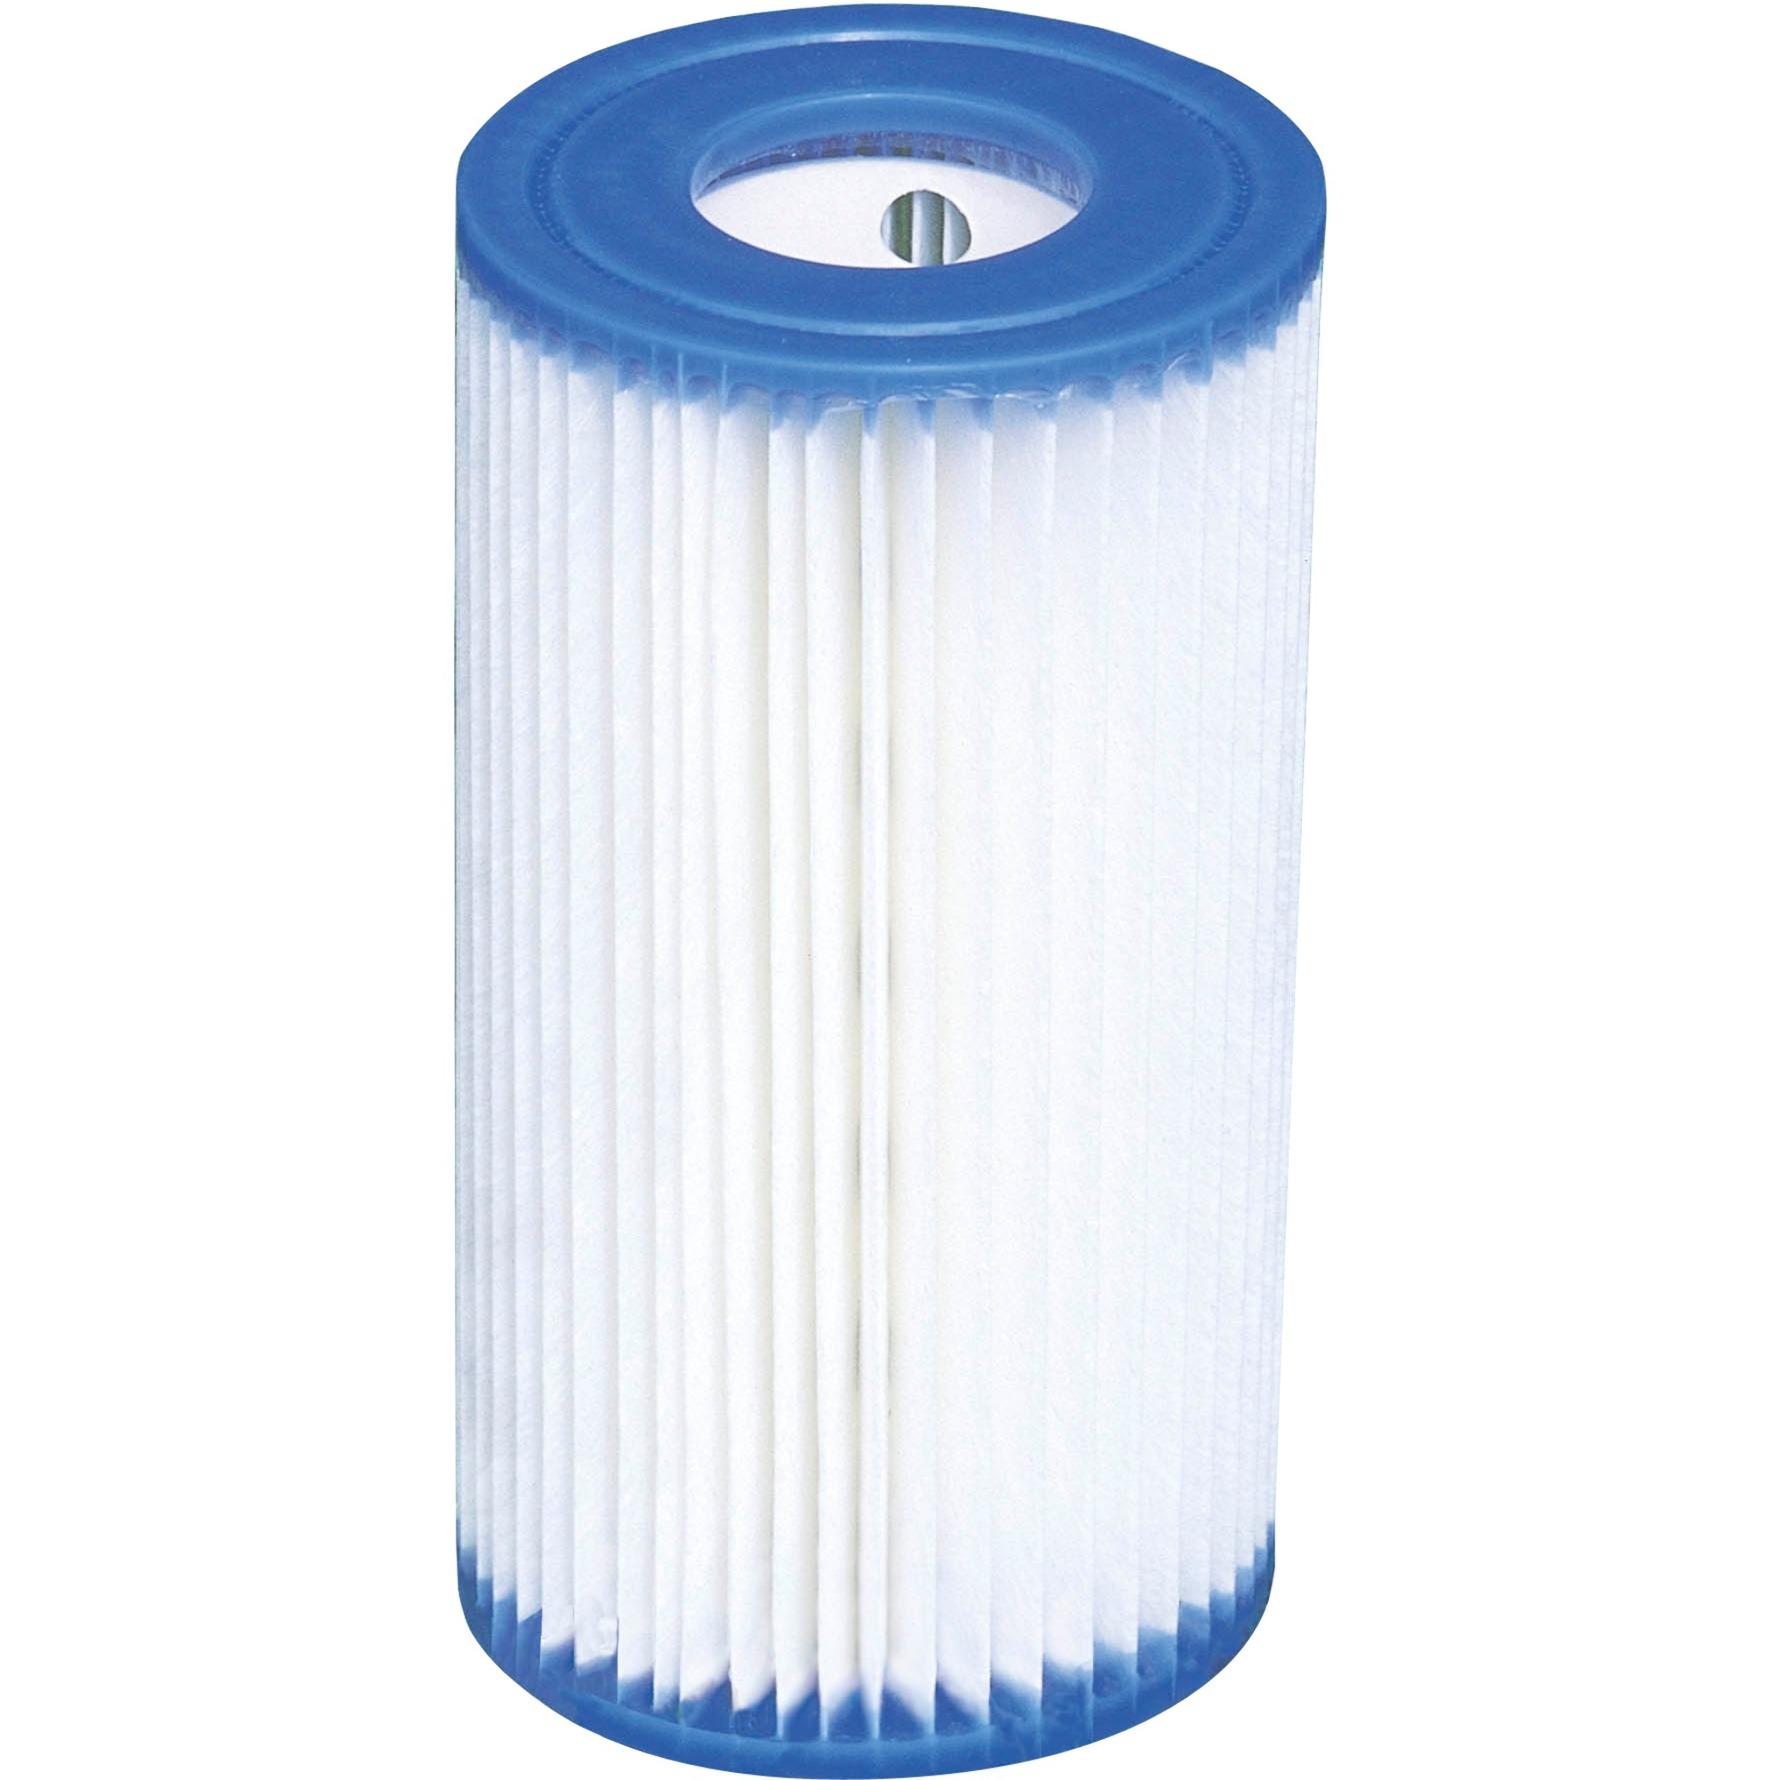 29000 De flujo directo Azul, Color blanco filtro de agua, Cartucho